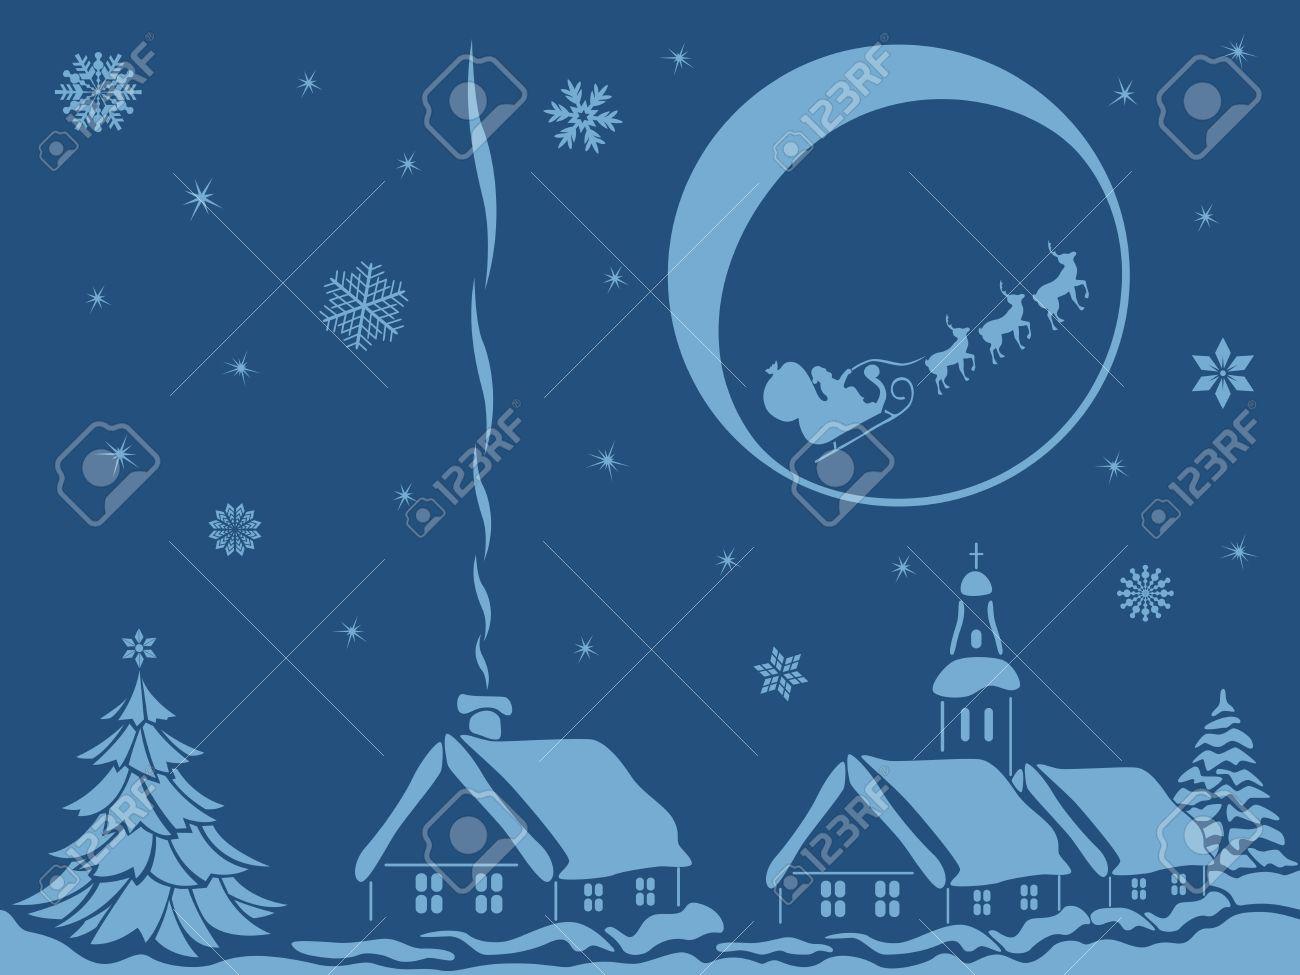 Village Dans La Nuit De Noel Avec Le Pere Noel Calme Et Le Renne Sur